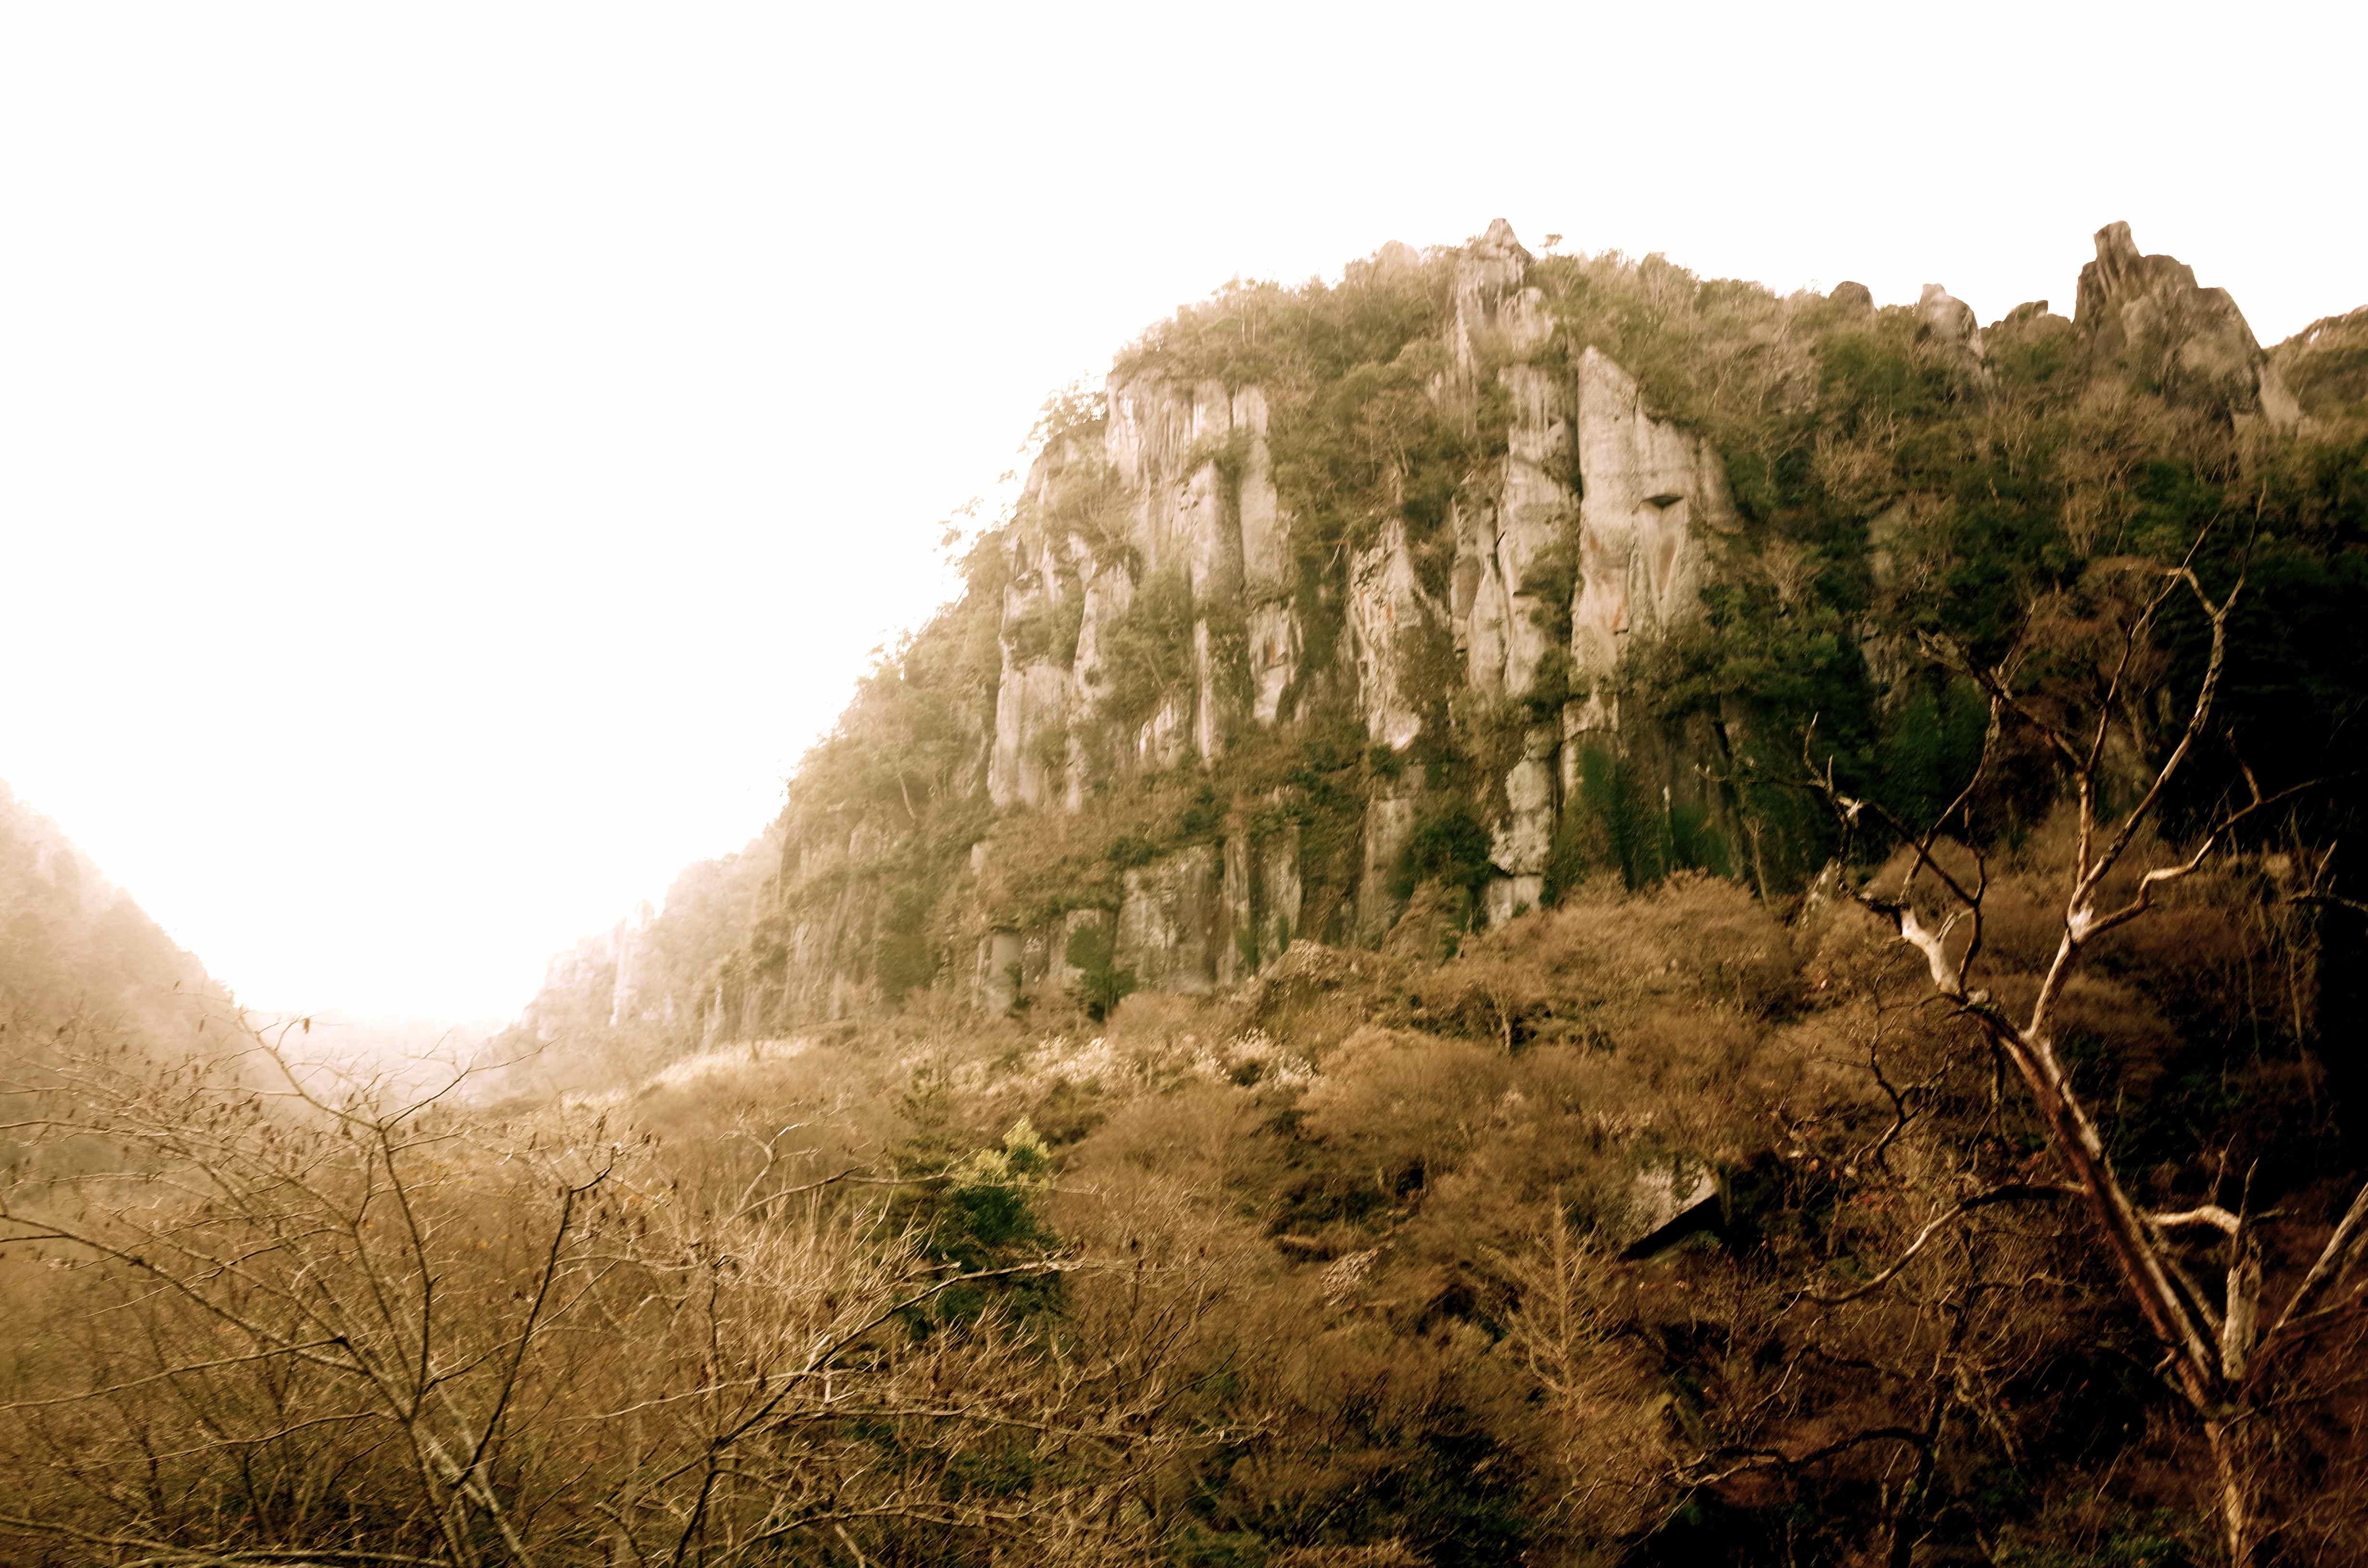 耶馬渓の景色